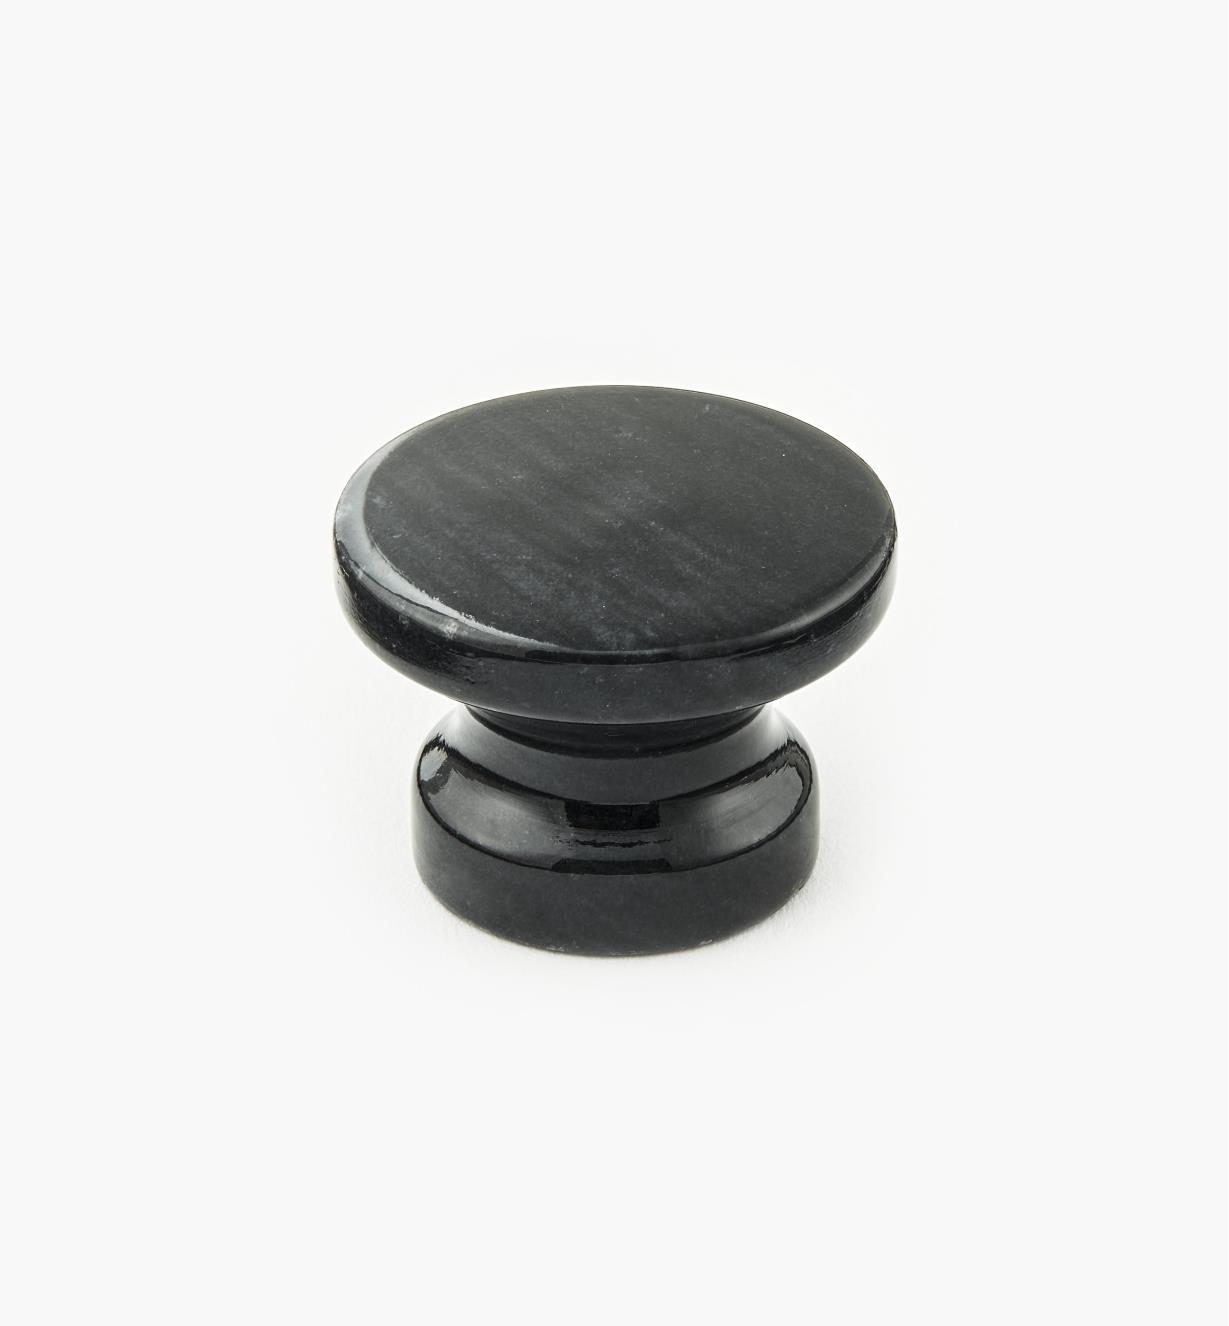 00W4023 - Black Marble Knob, 34mm x 25mm